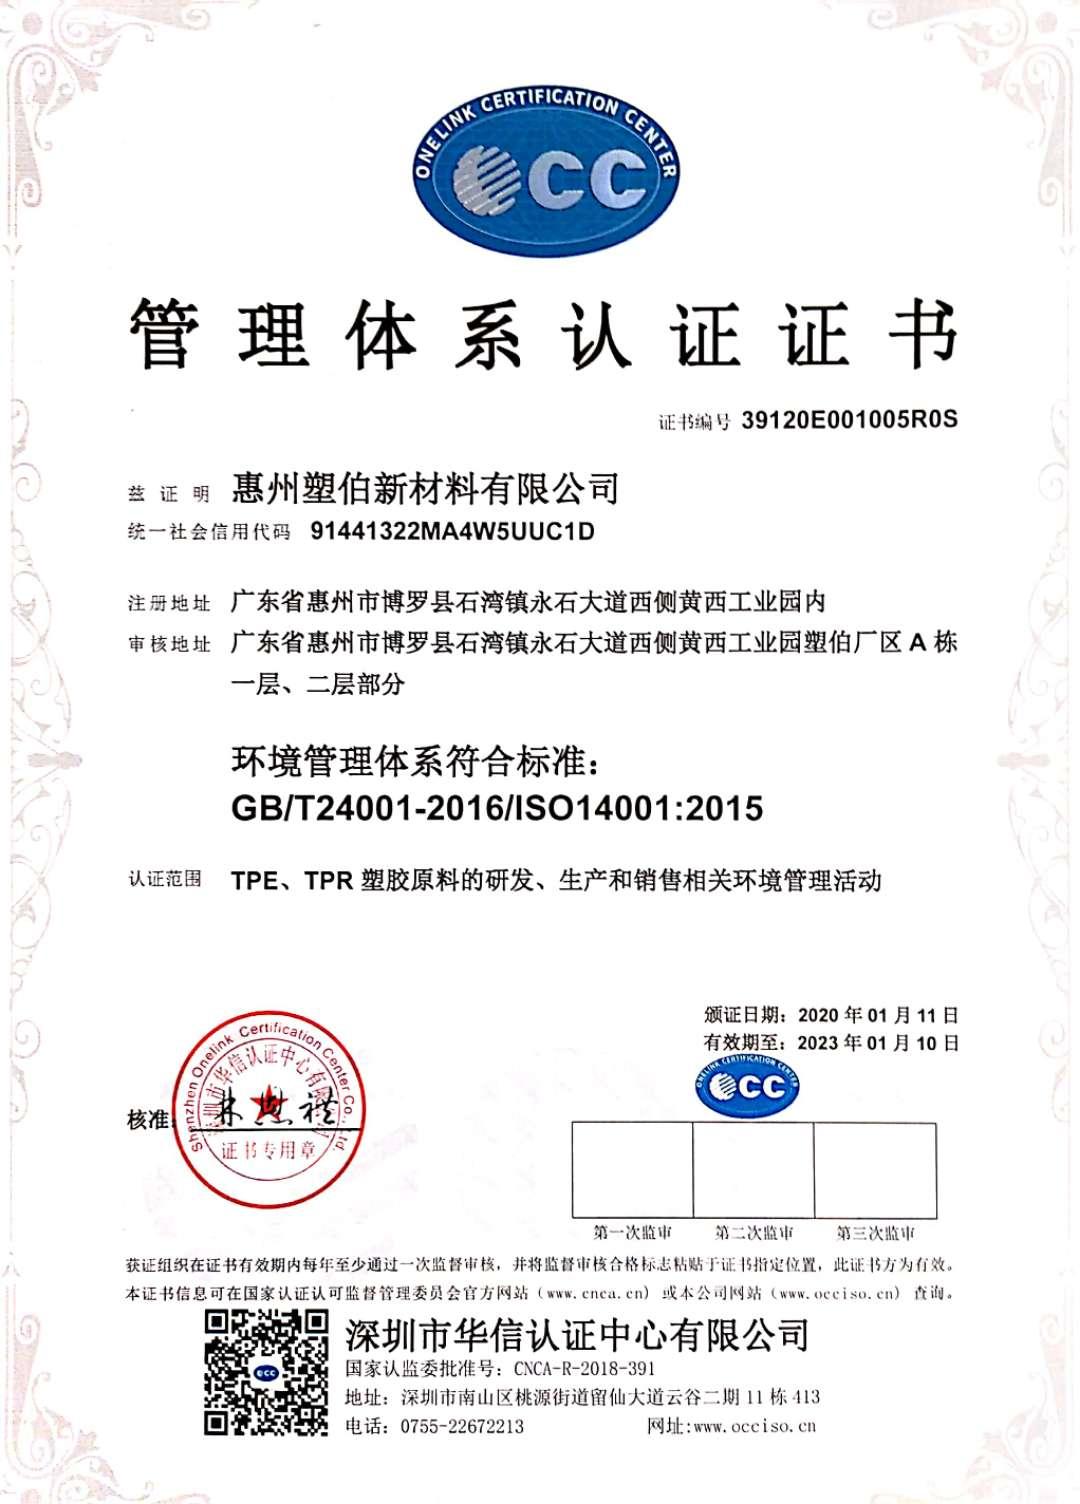 塑伯新材料ISO认证证书-中文版